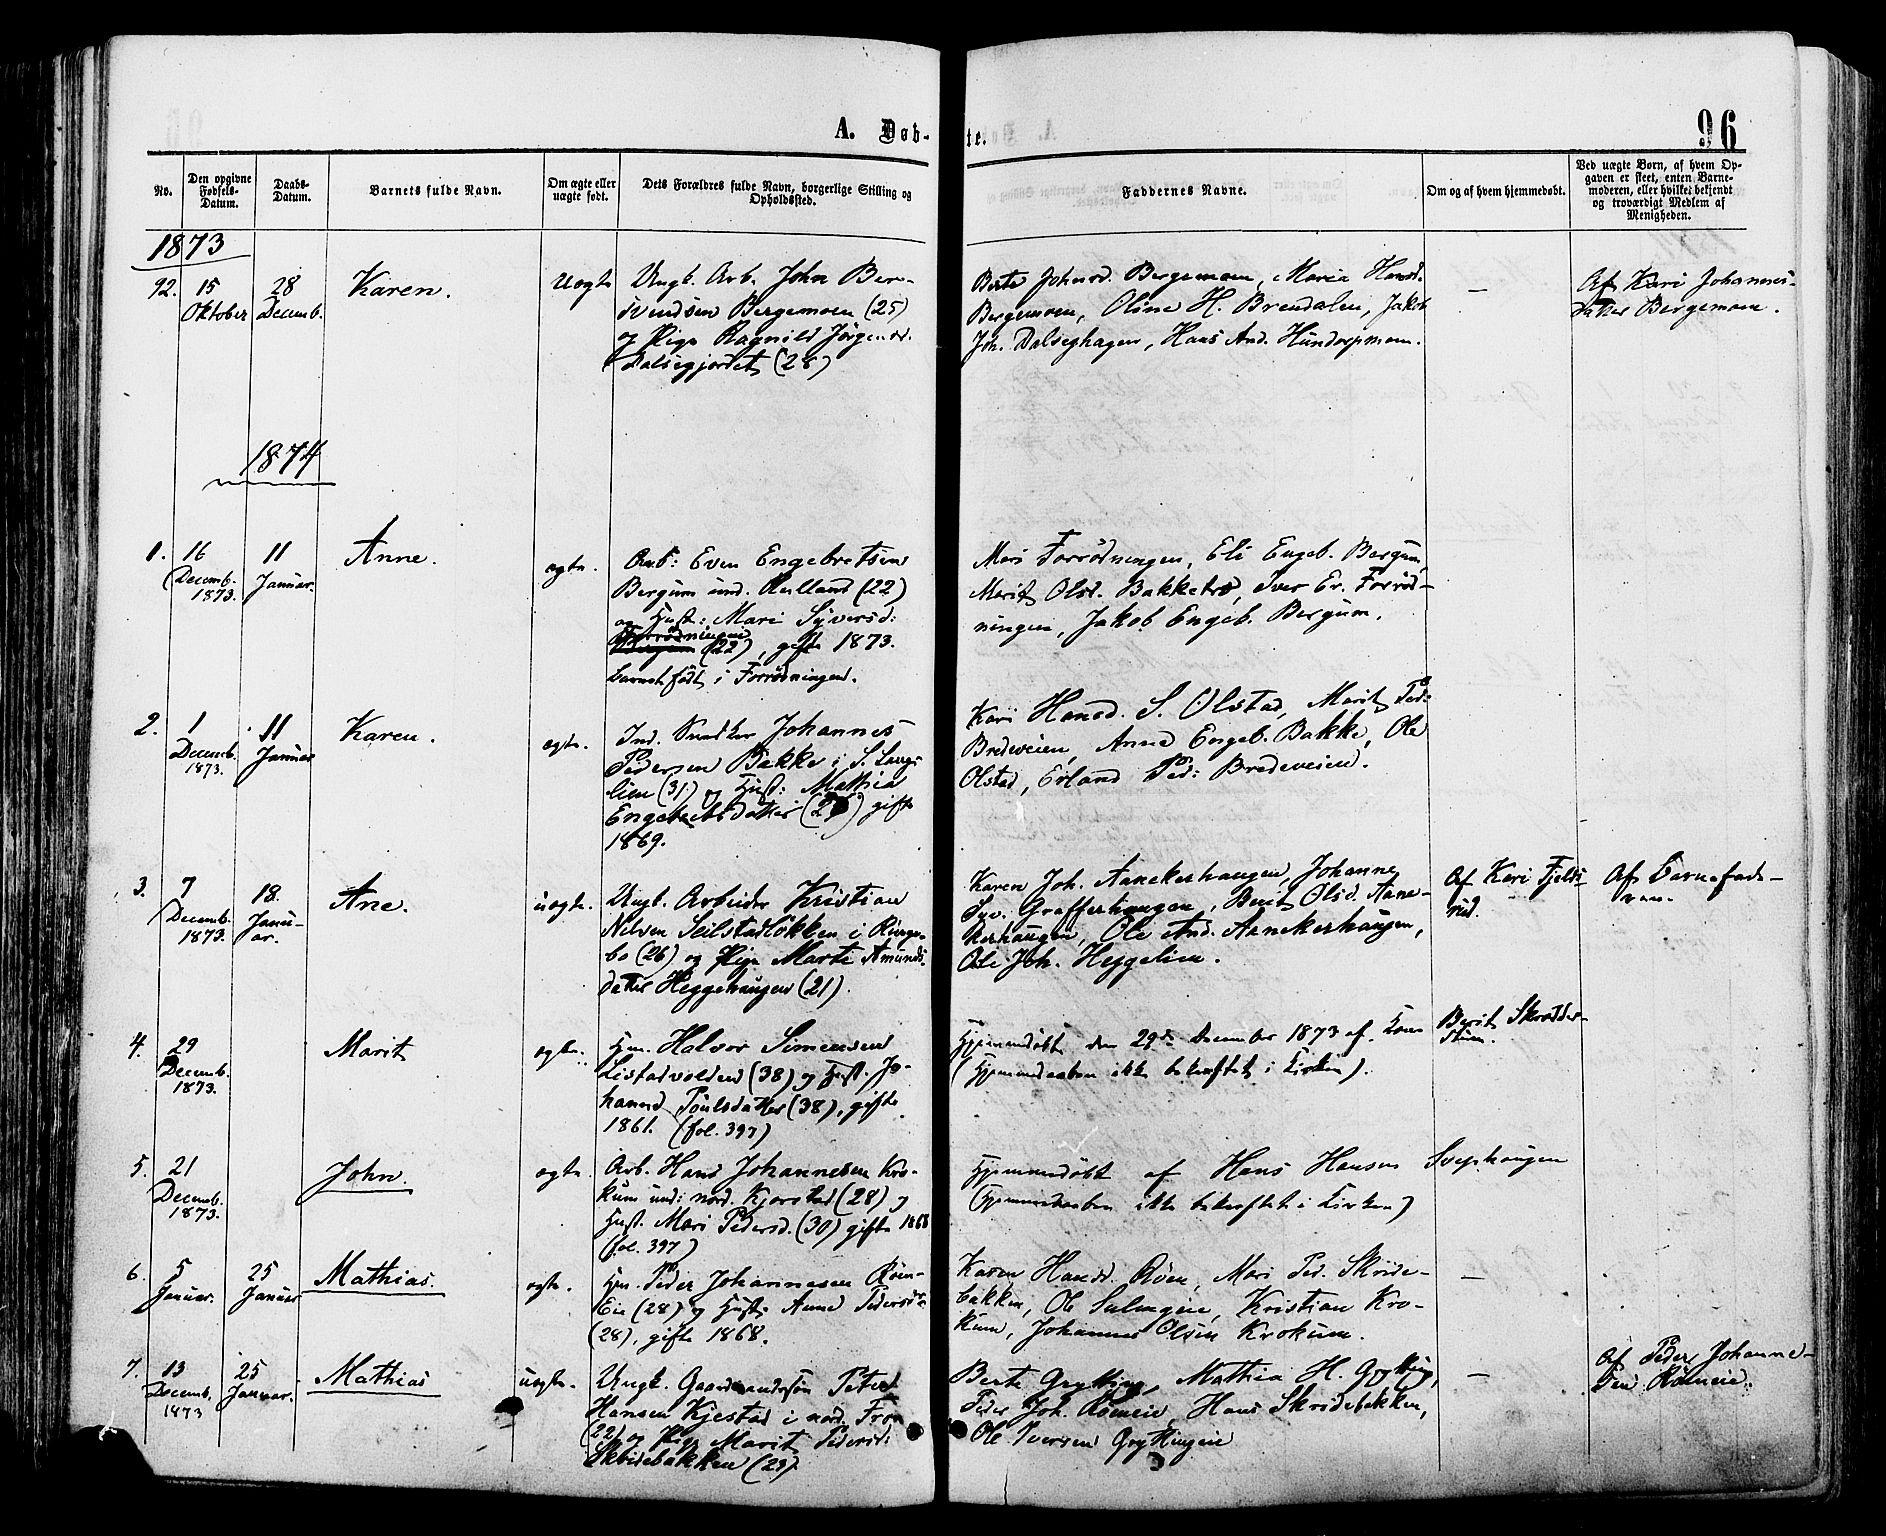 SAH, Sør-Fron prestekontor, H/Ha/Haa/L0002: Ministerialbok nr. 2, 1864-1880, s. 96